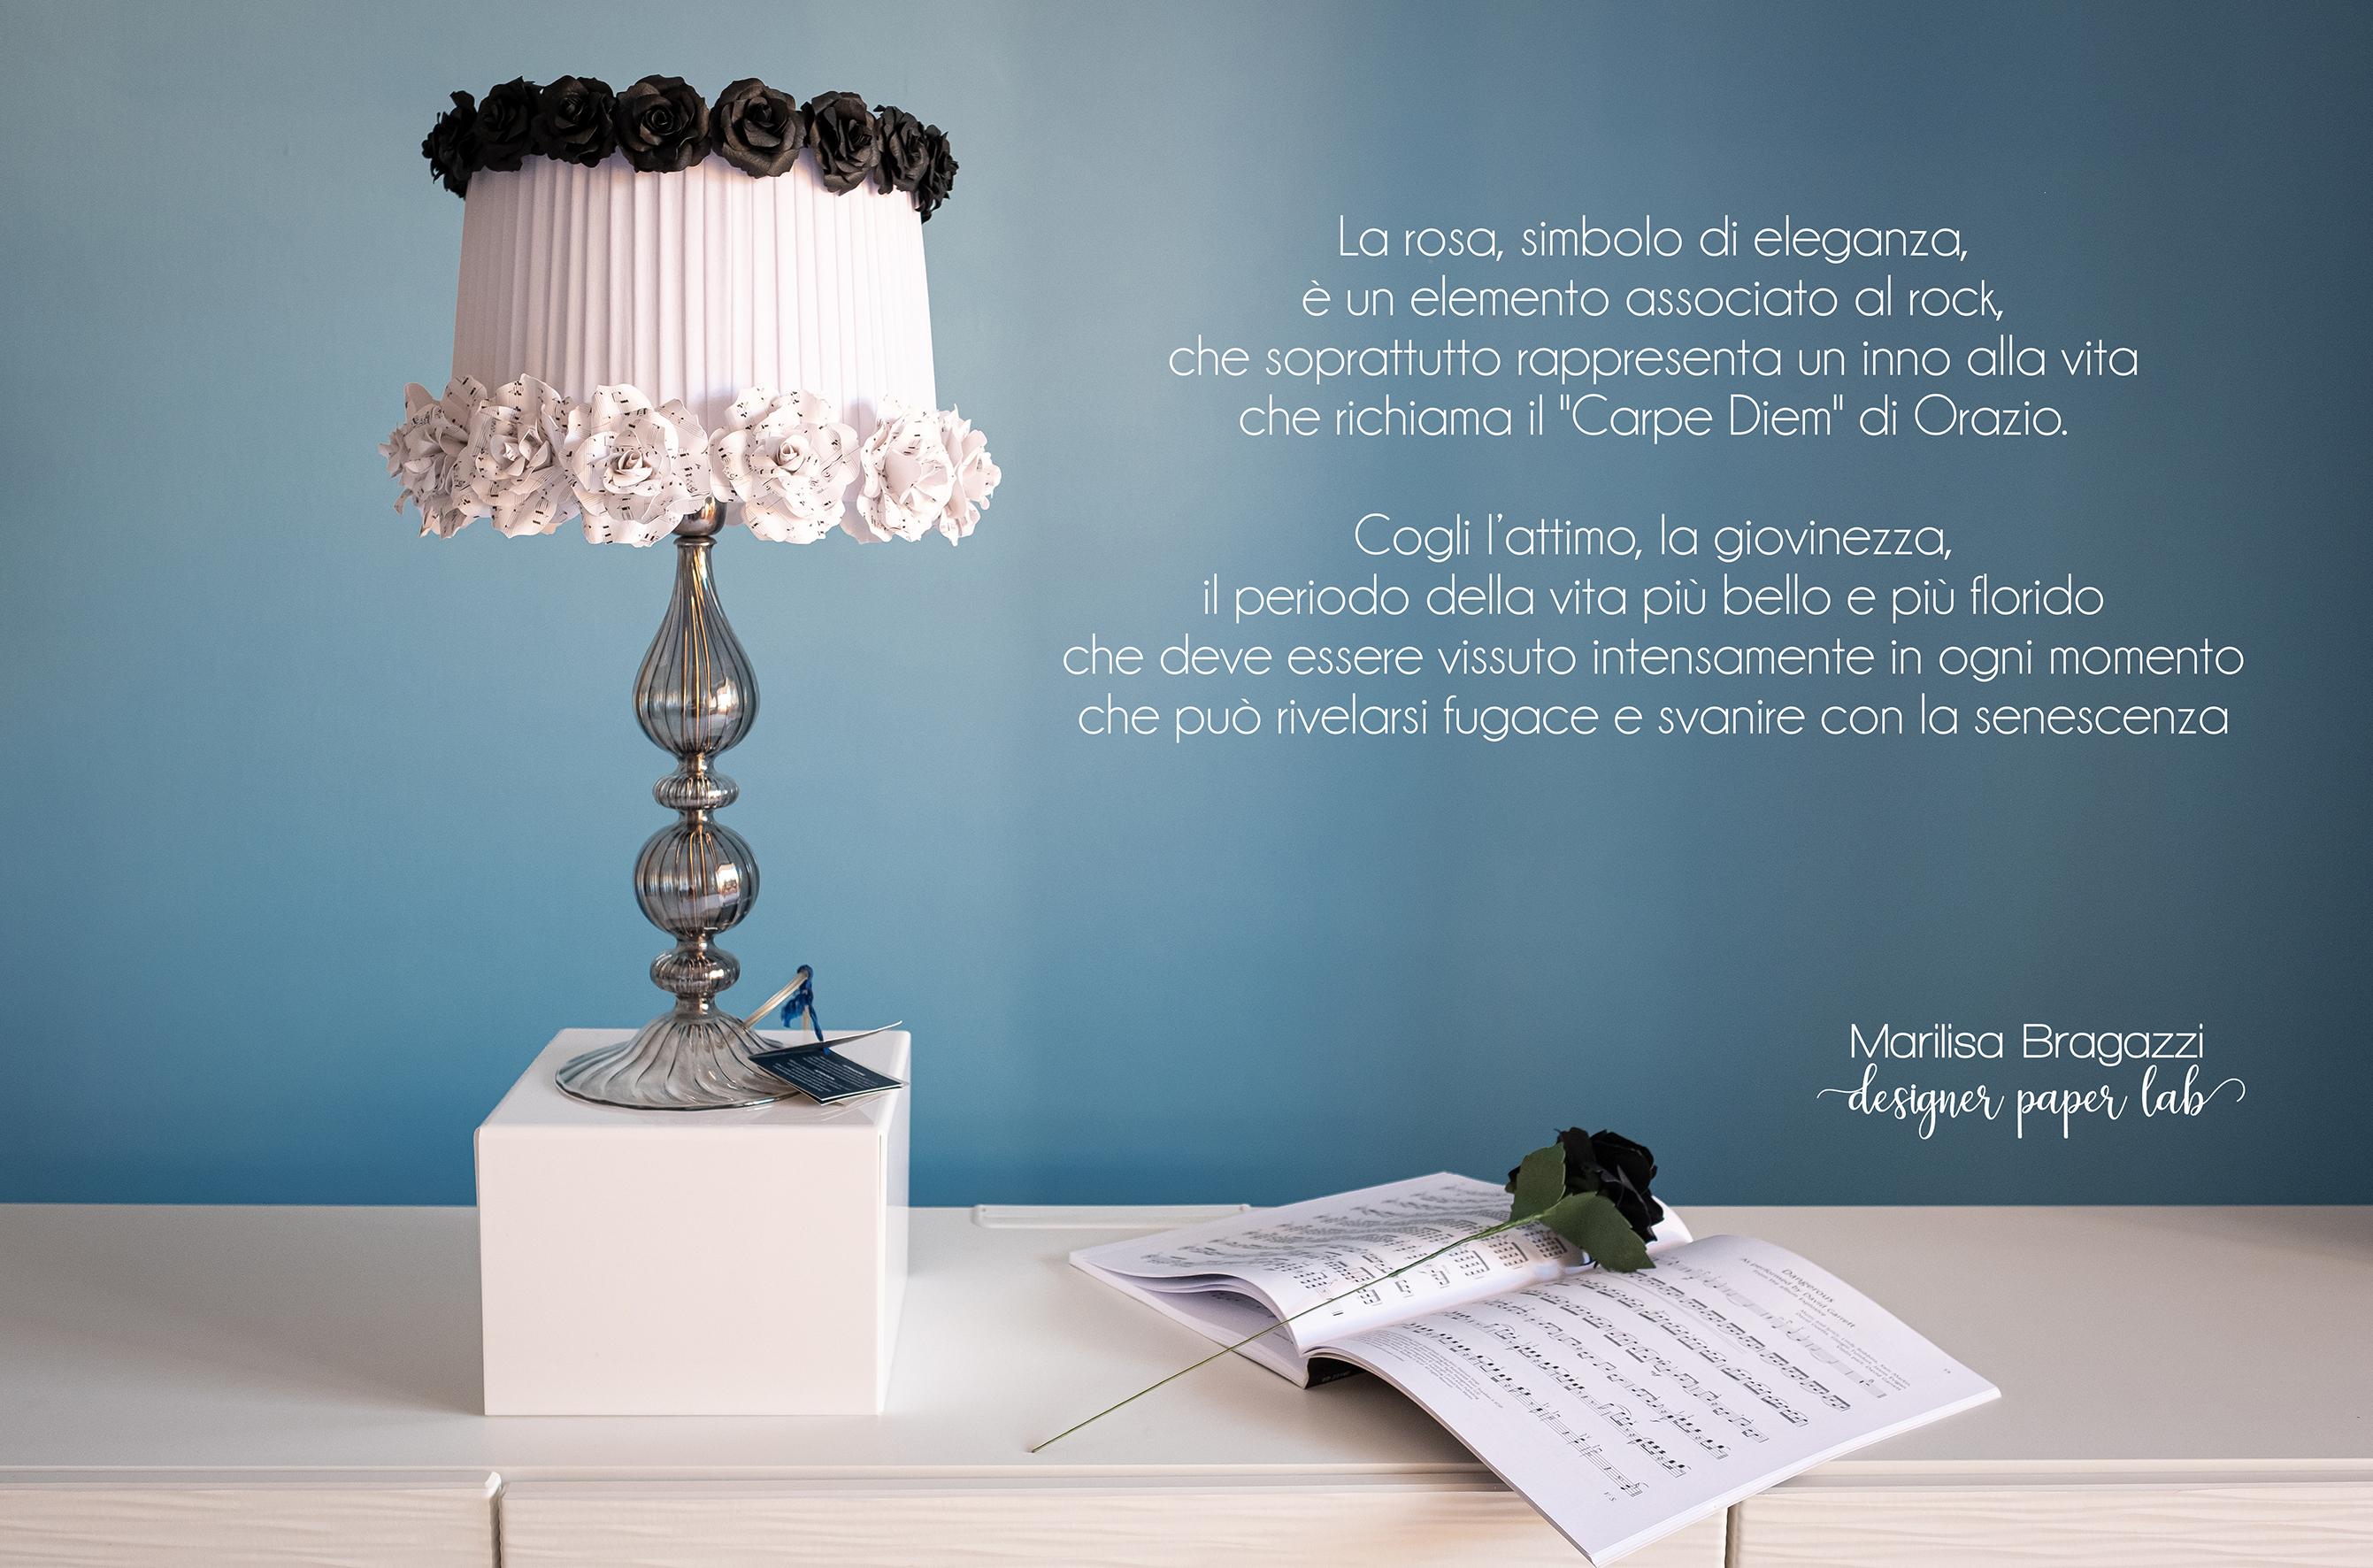 carta in dispensa, marilisa bragazzi, lampada con fiori di carta